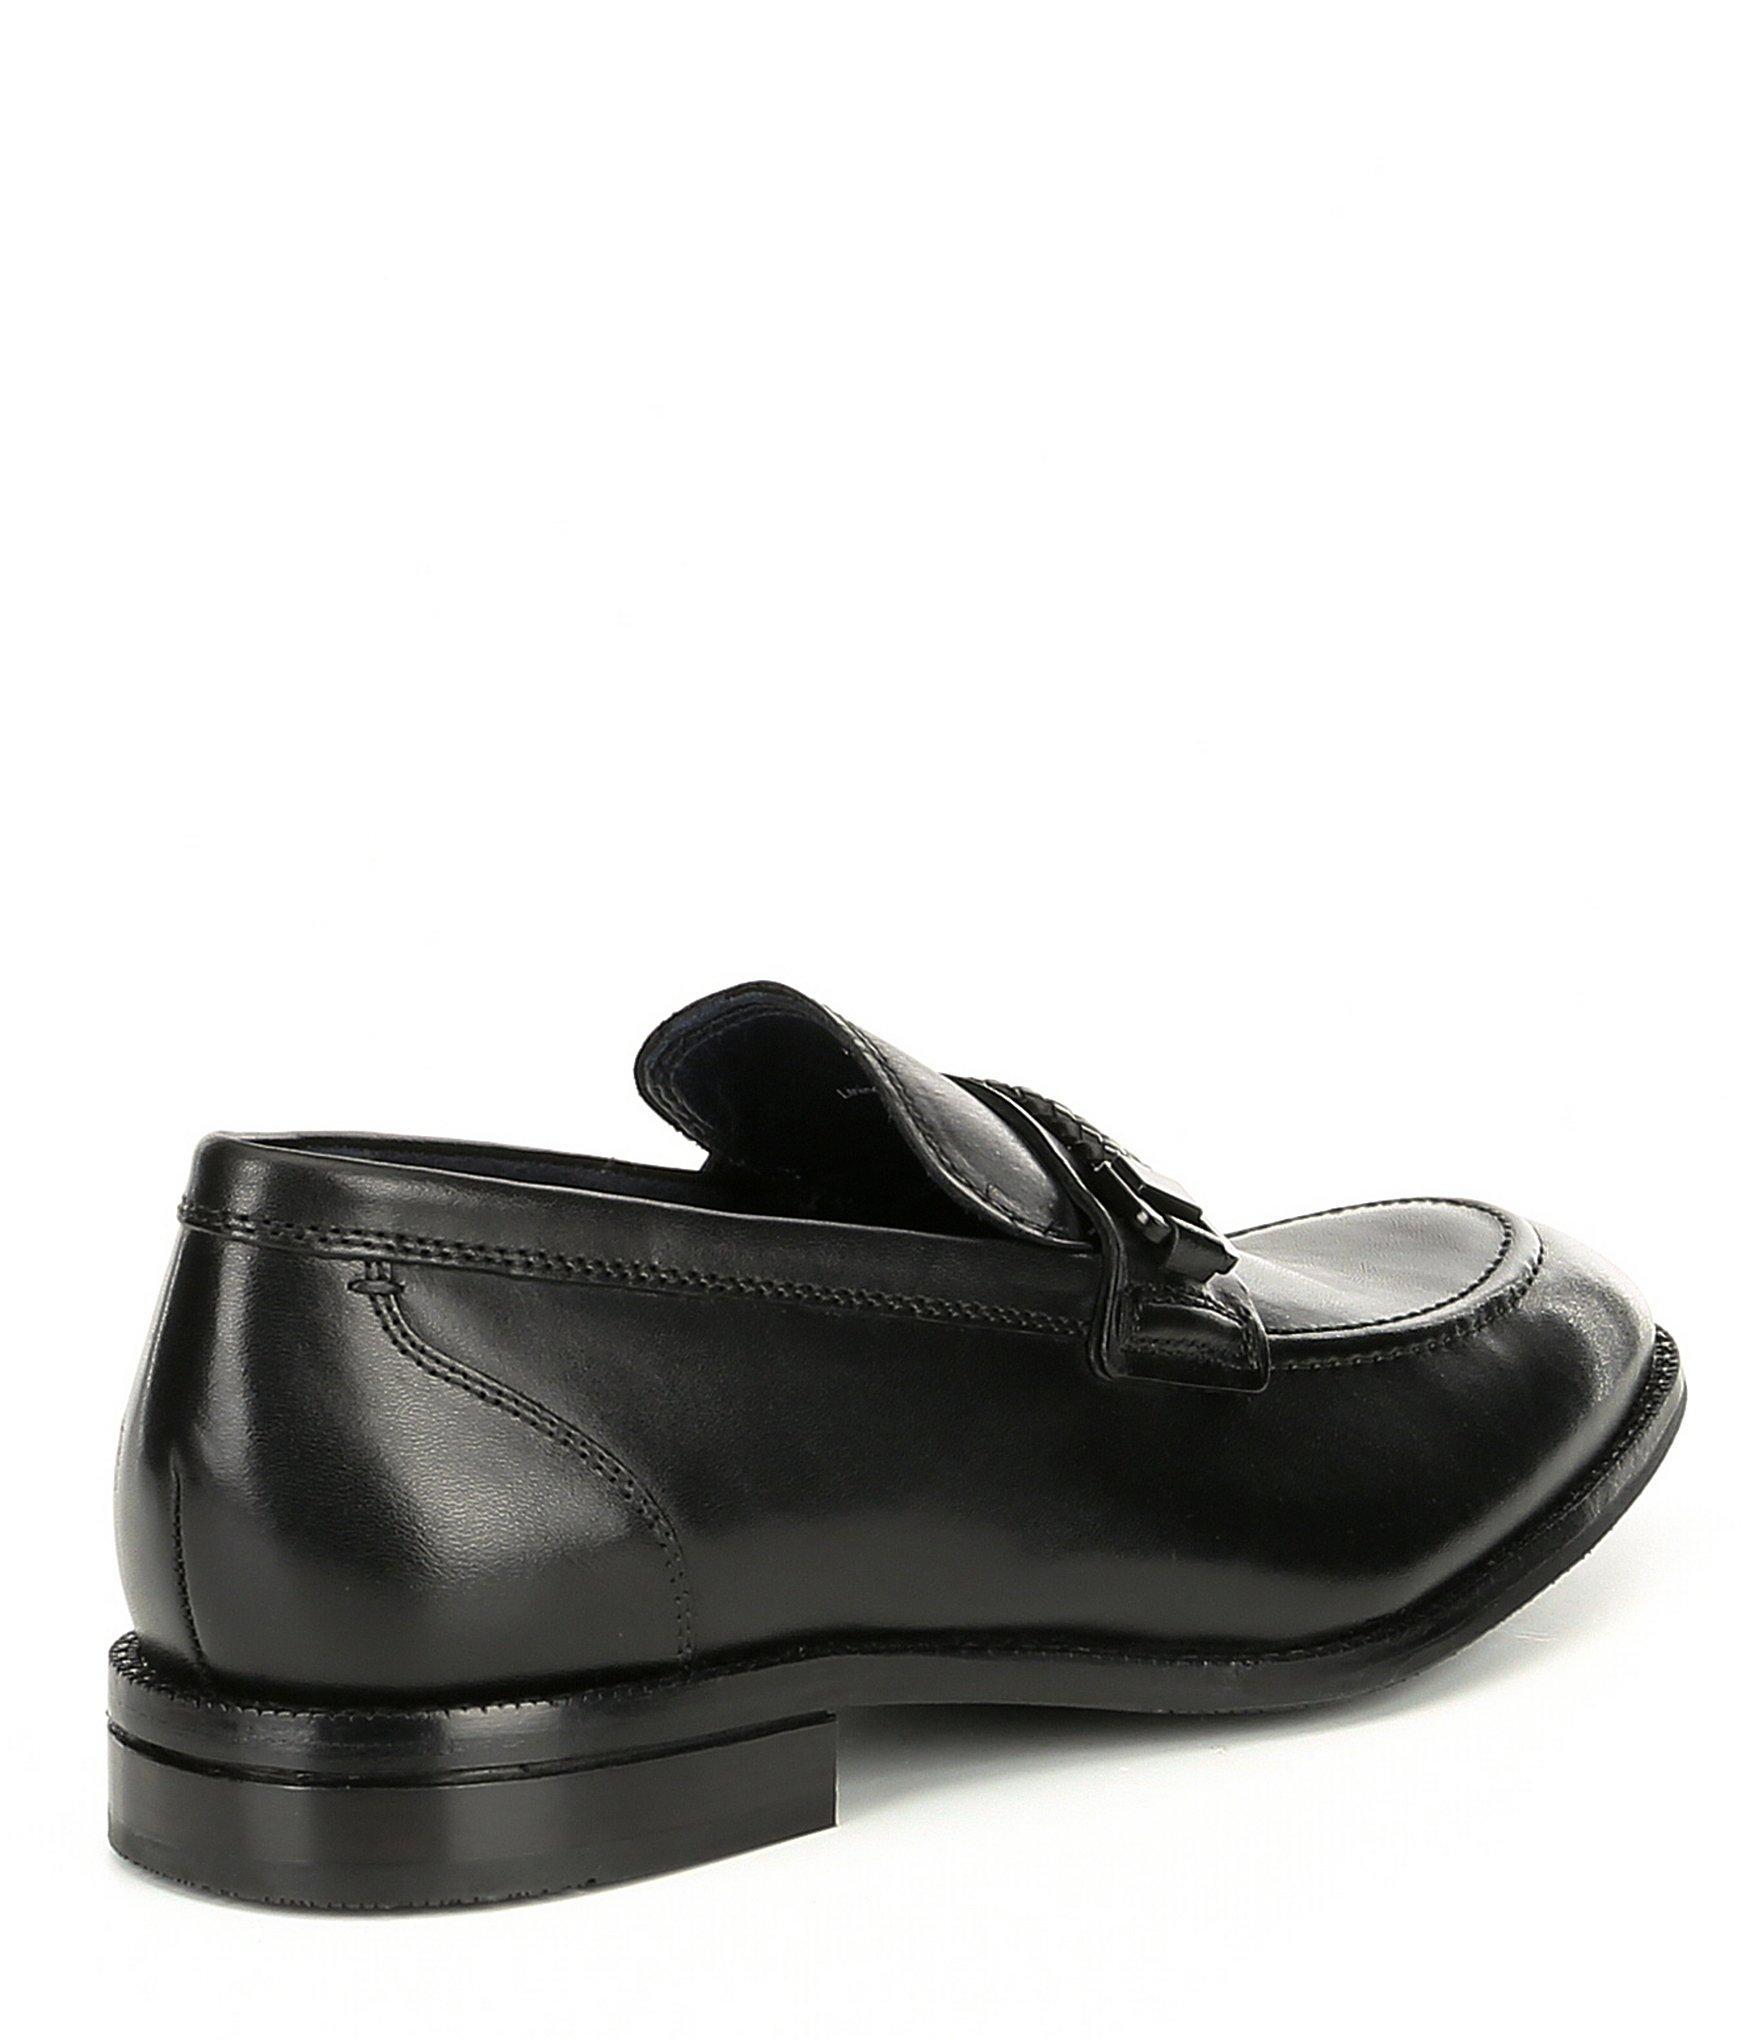 cea052866fa Lyst - Cole Haan Men s Warner Leather Grand Bit Loafer in Black for Men